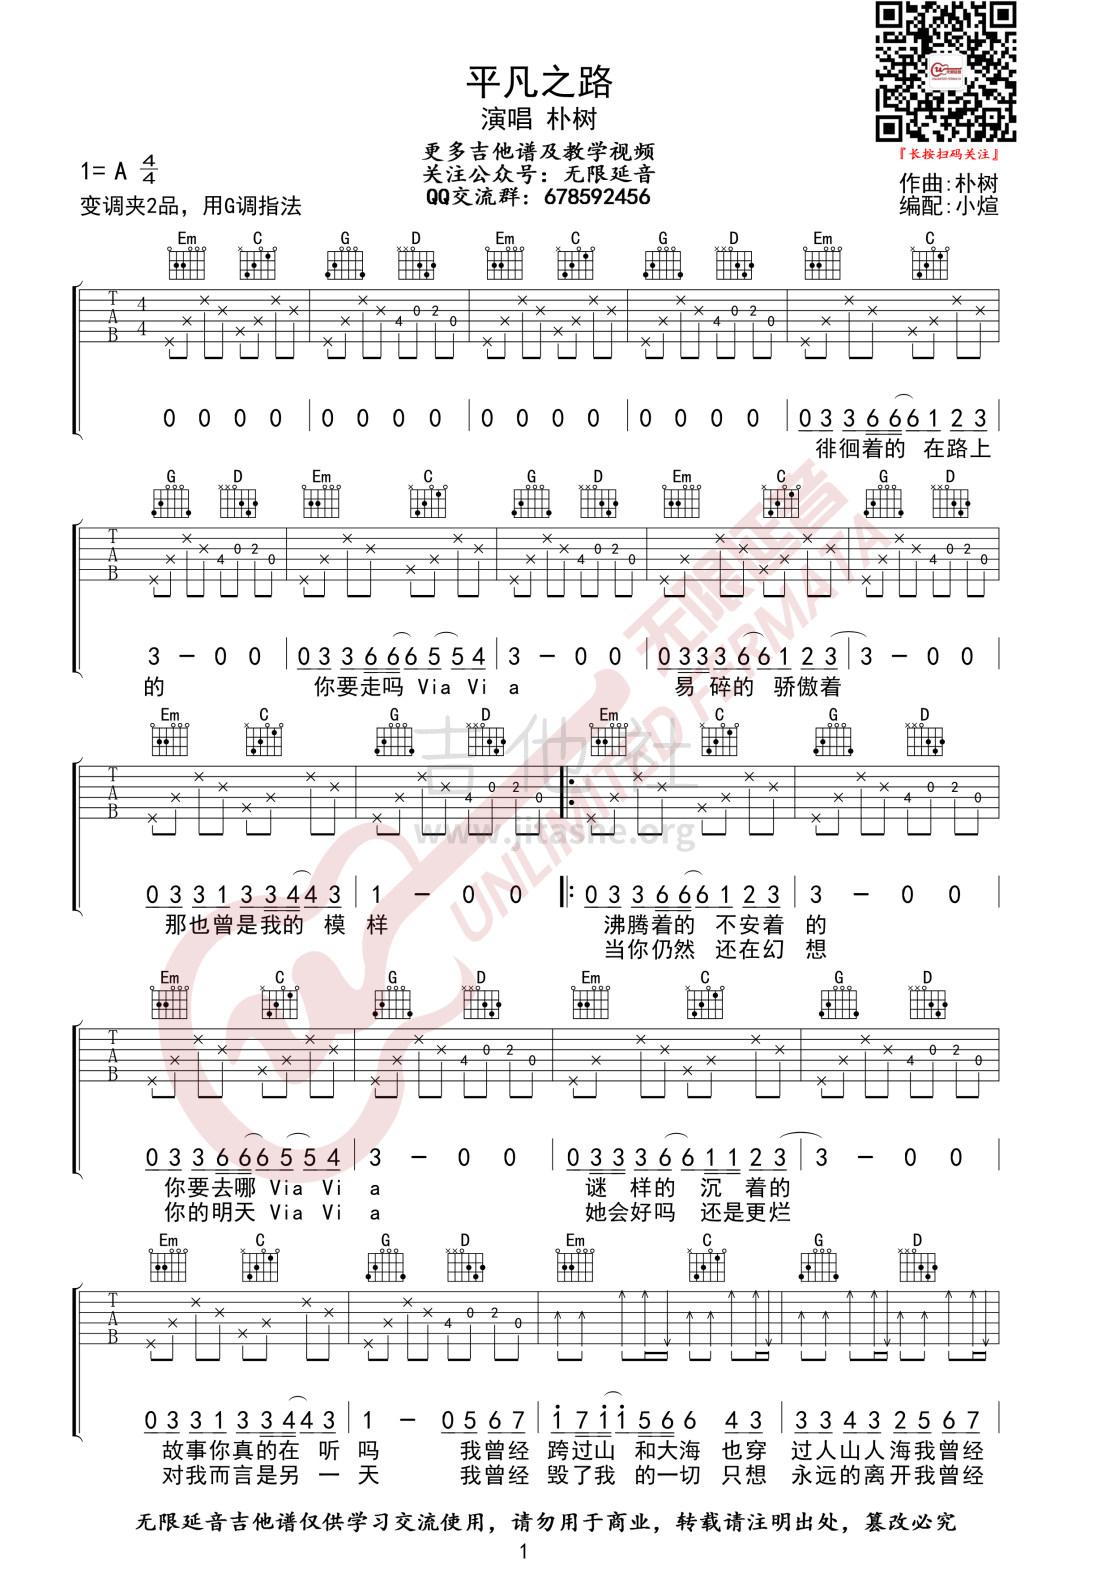 平凡之路 ( 无限延音编配)吉他谱(图片谱,G调,弹唱)_朴树_平凡之路01.jpg